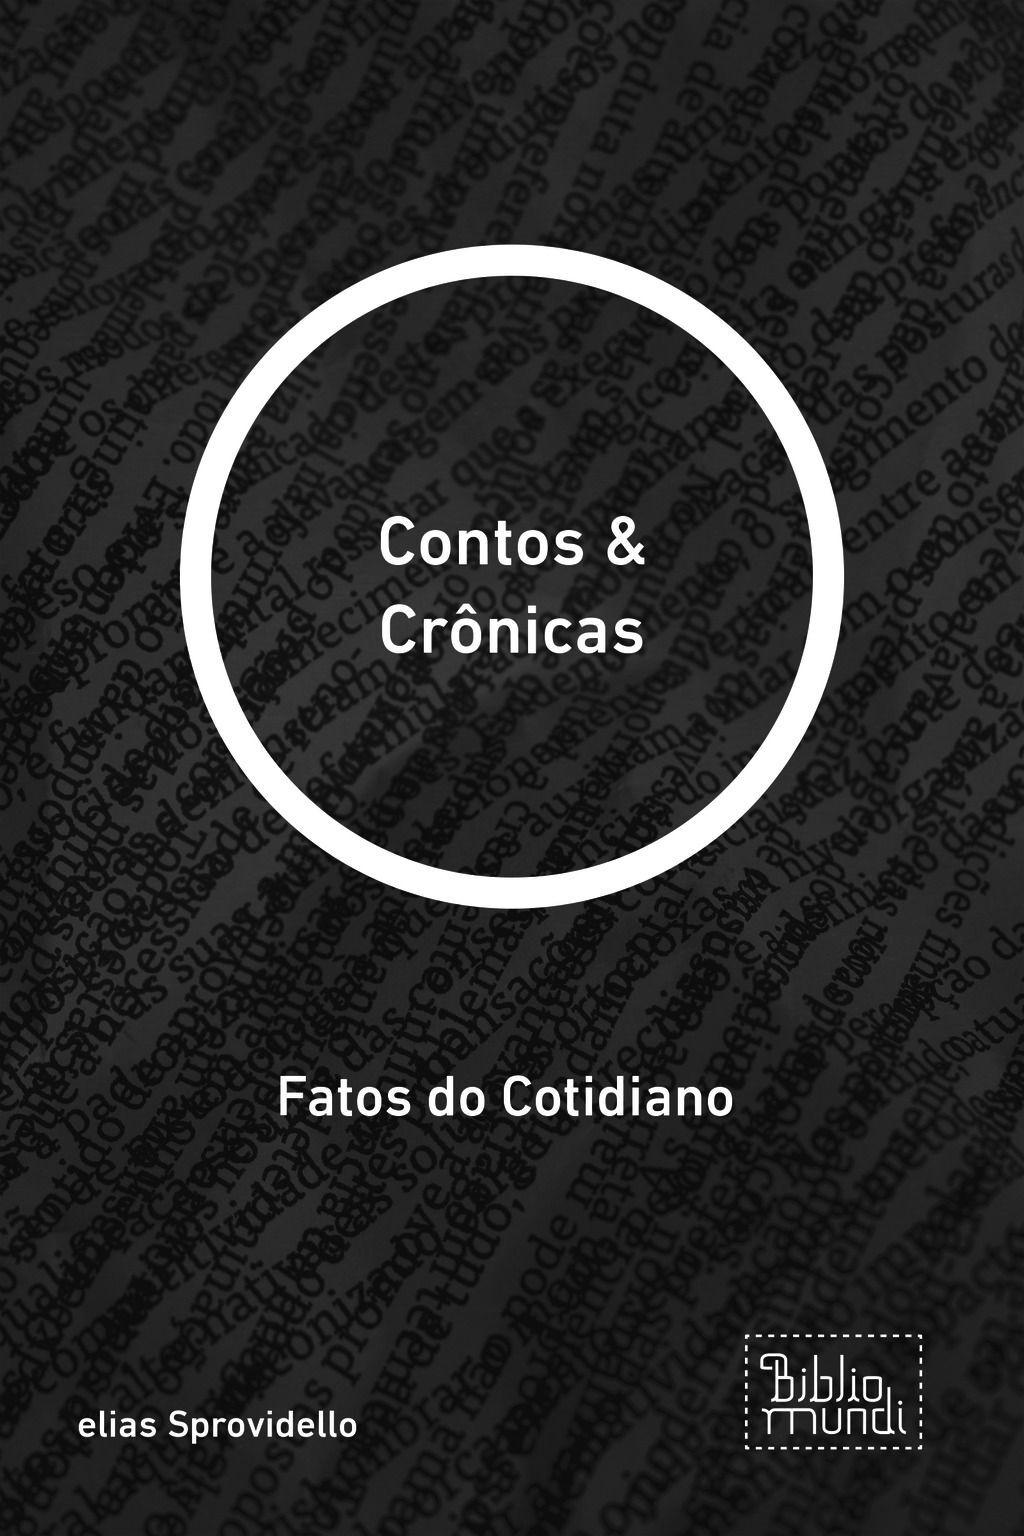 Contos & Crônicas